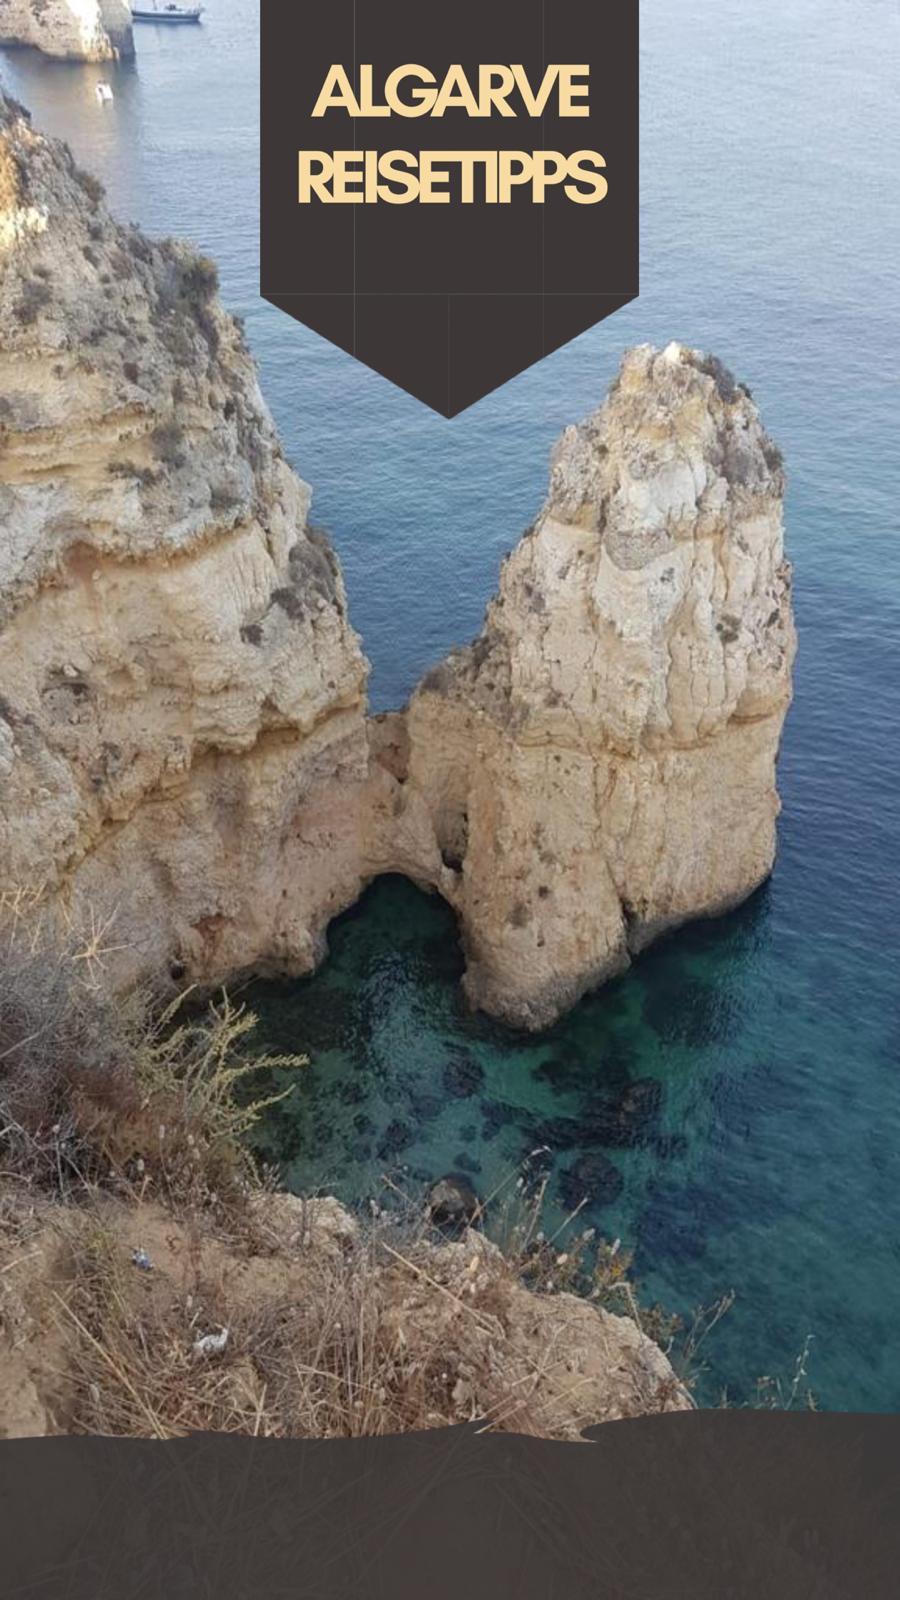 Plane deinen Reise ! Tipps für deinen Urlaub in Portugal